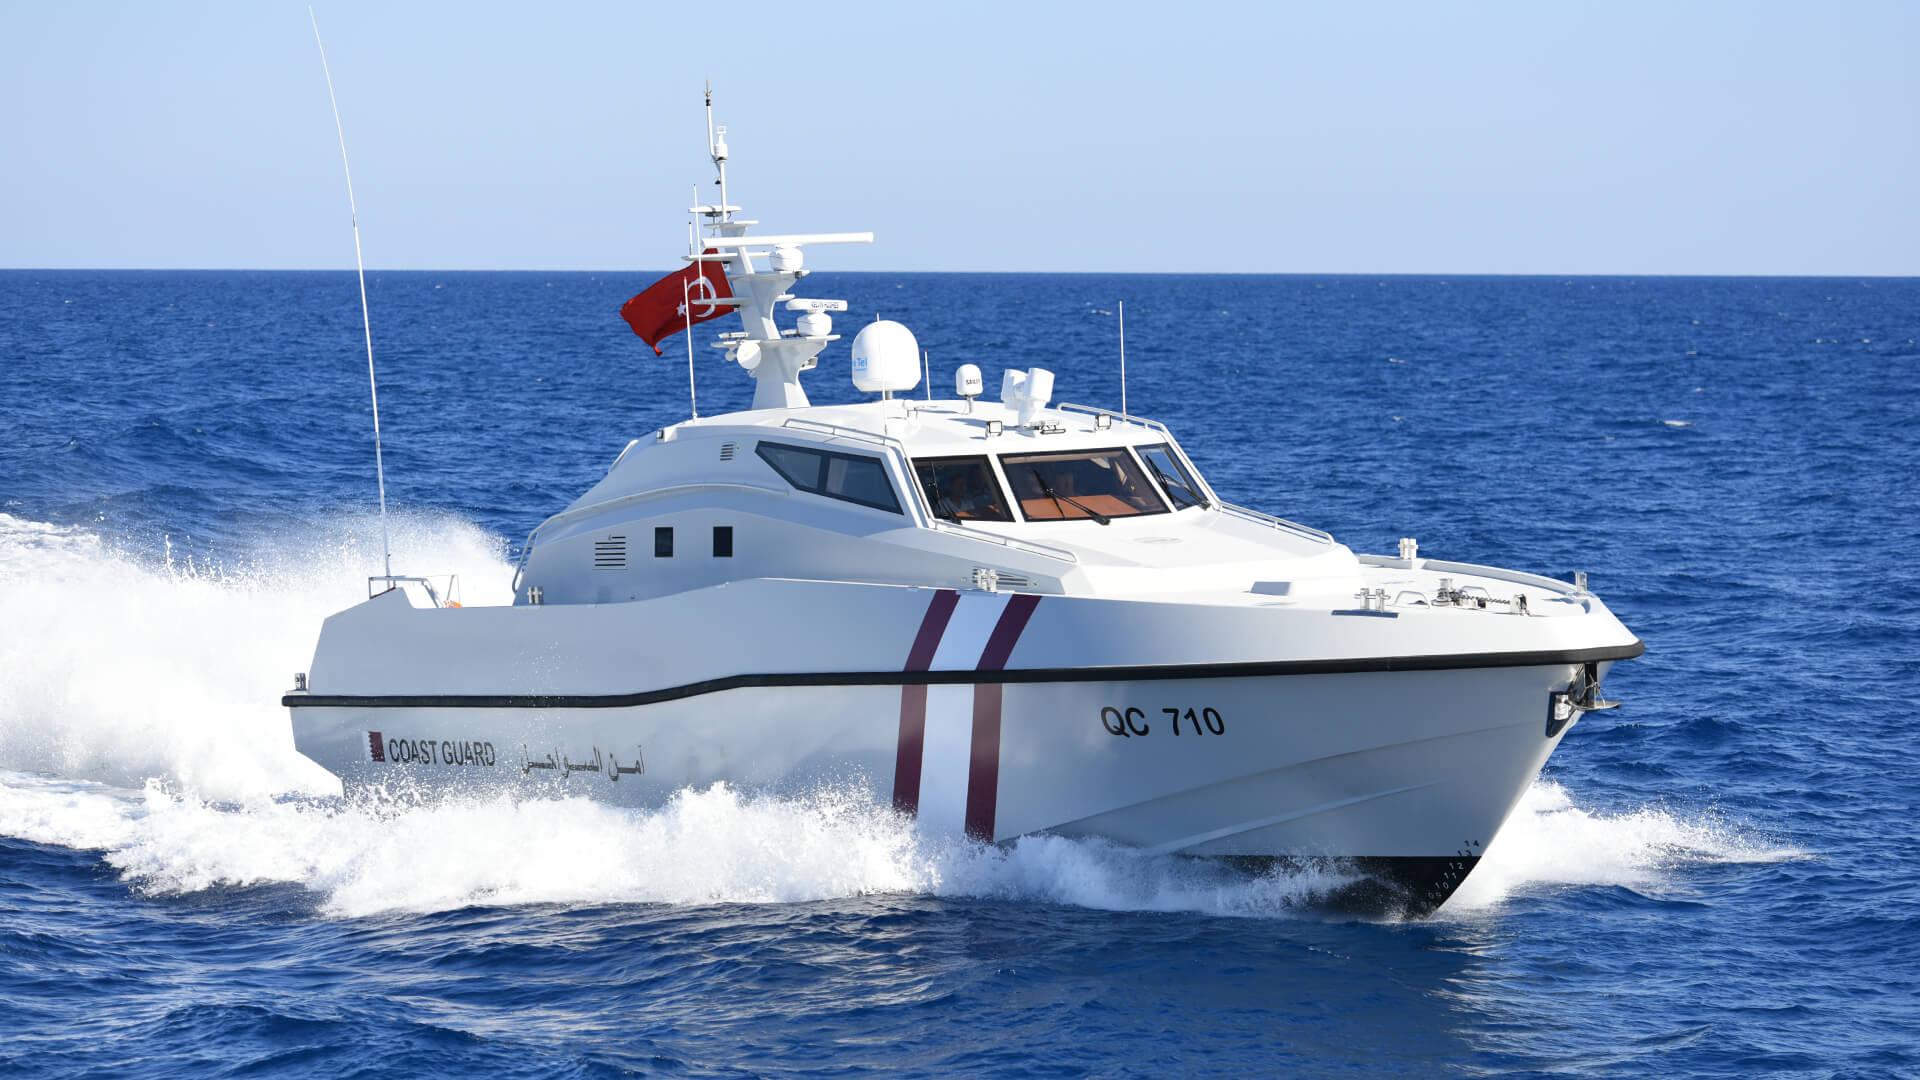 images/vessels/01-patrol-craft/02-series-hercules/07-ares-75-hercules/01.jpg